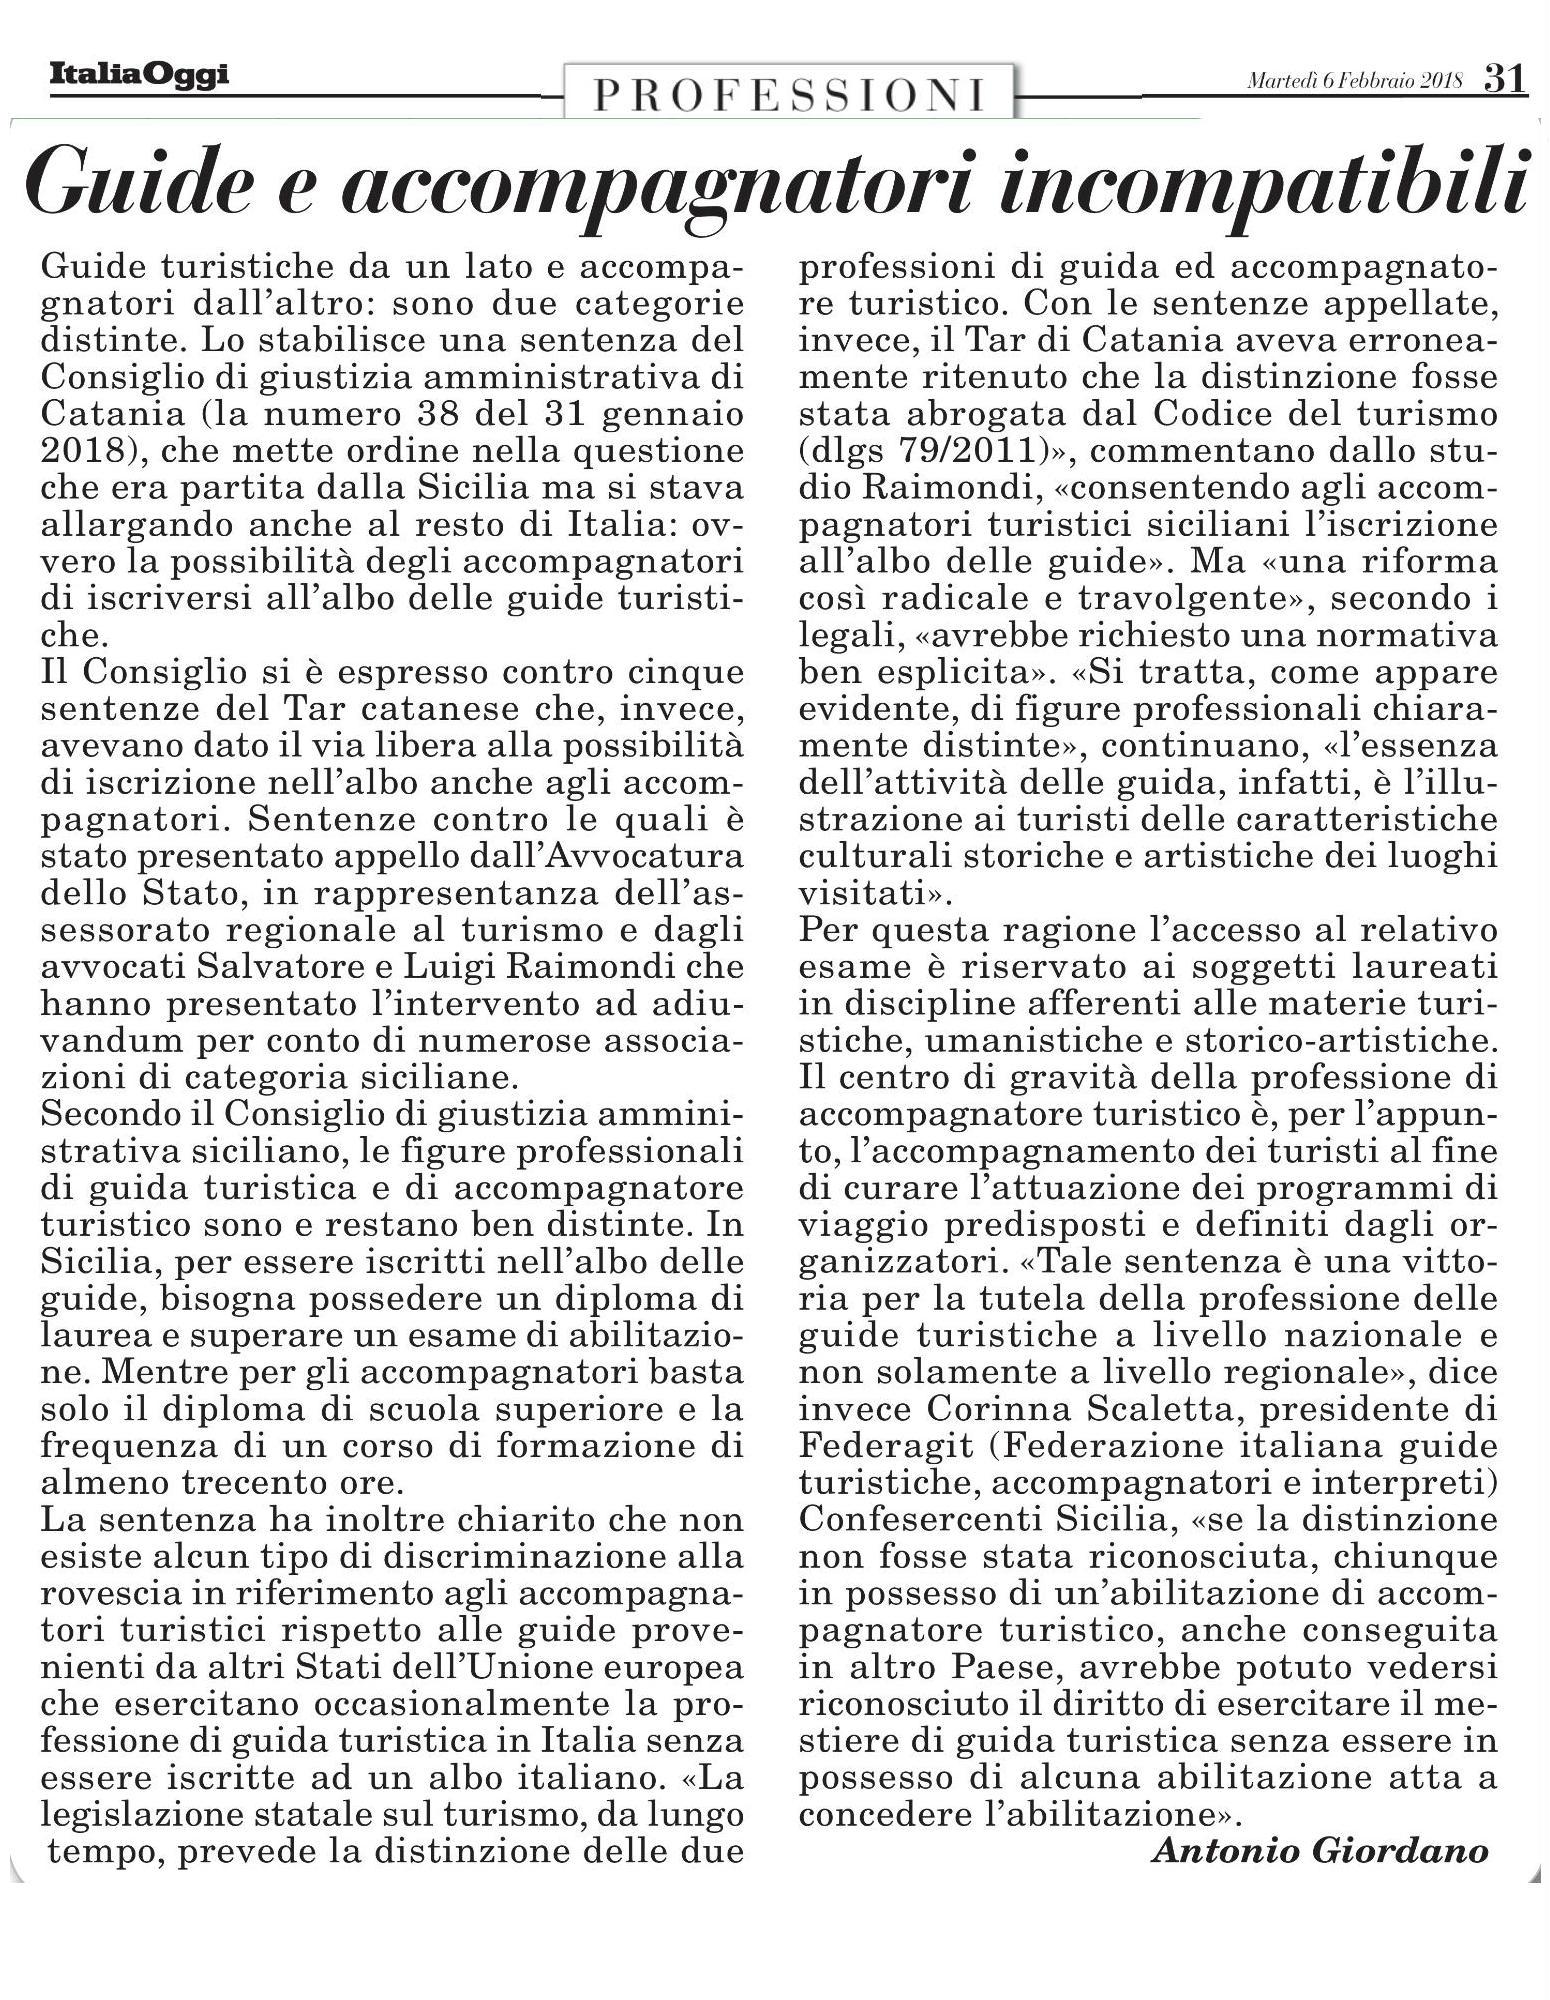 Italia Oggi 6 febbraio 2018